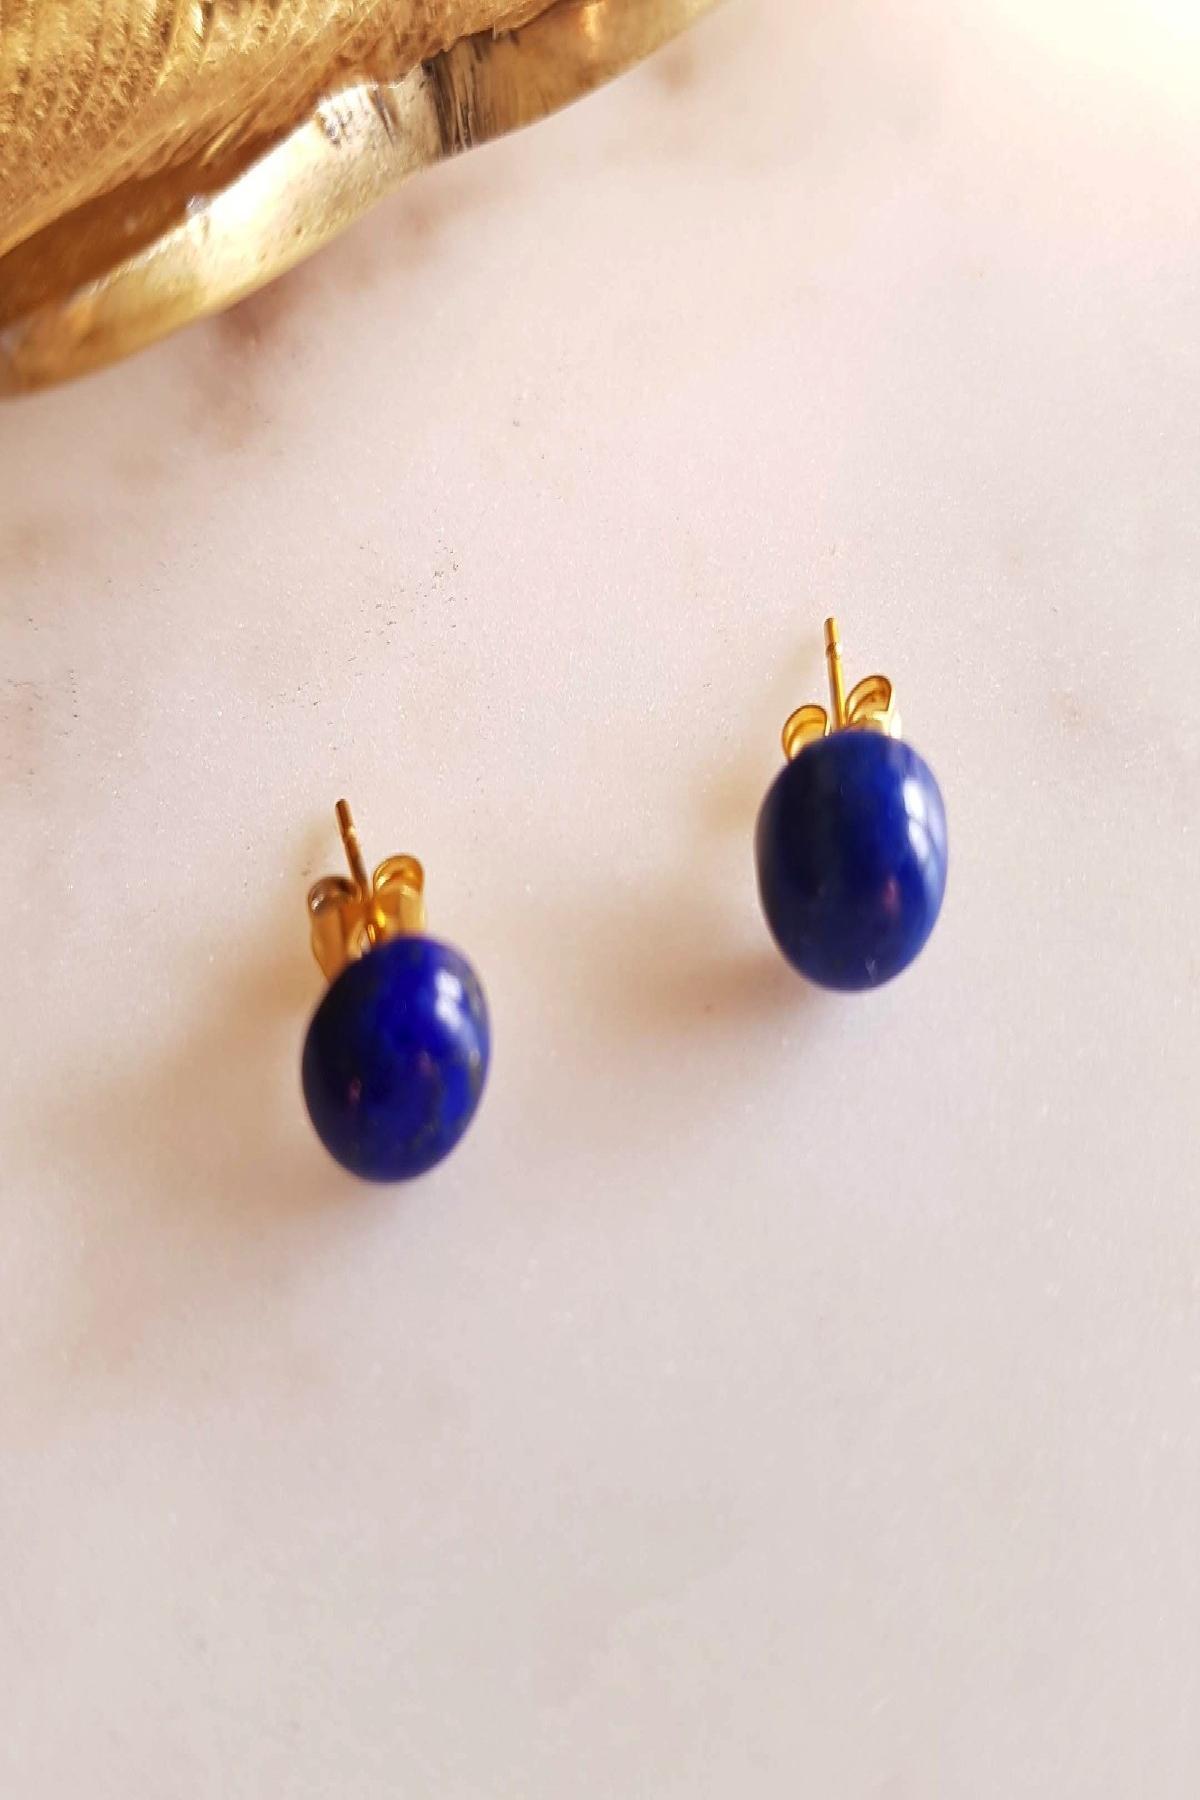 Boucles d'oreilles Accessoires Bleu GINANDGER BIJOUX BOPUCEPIERRE #c eFashion Paris